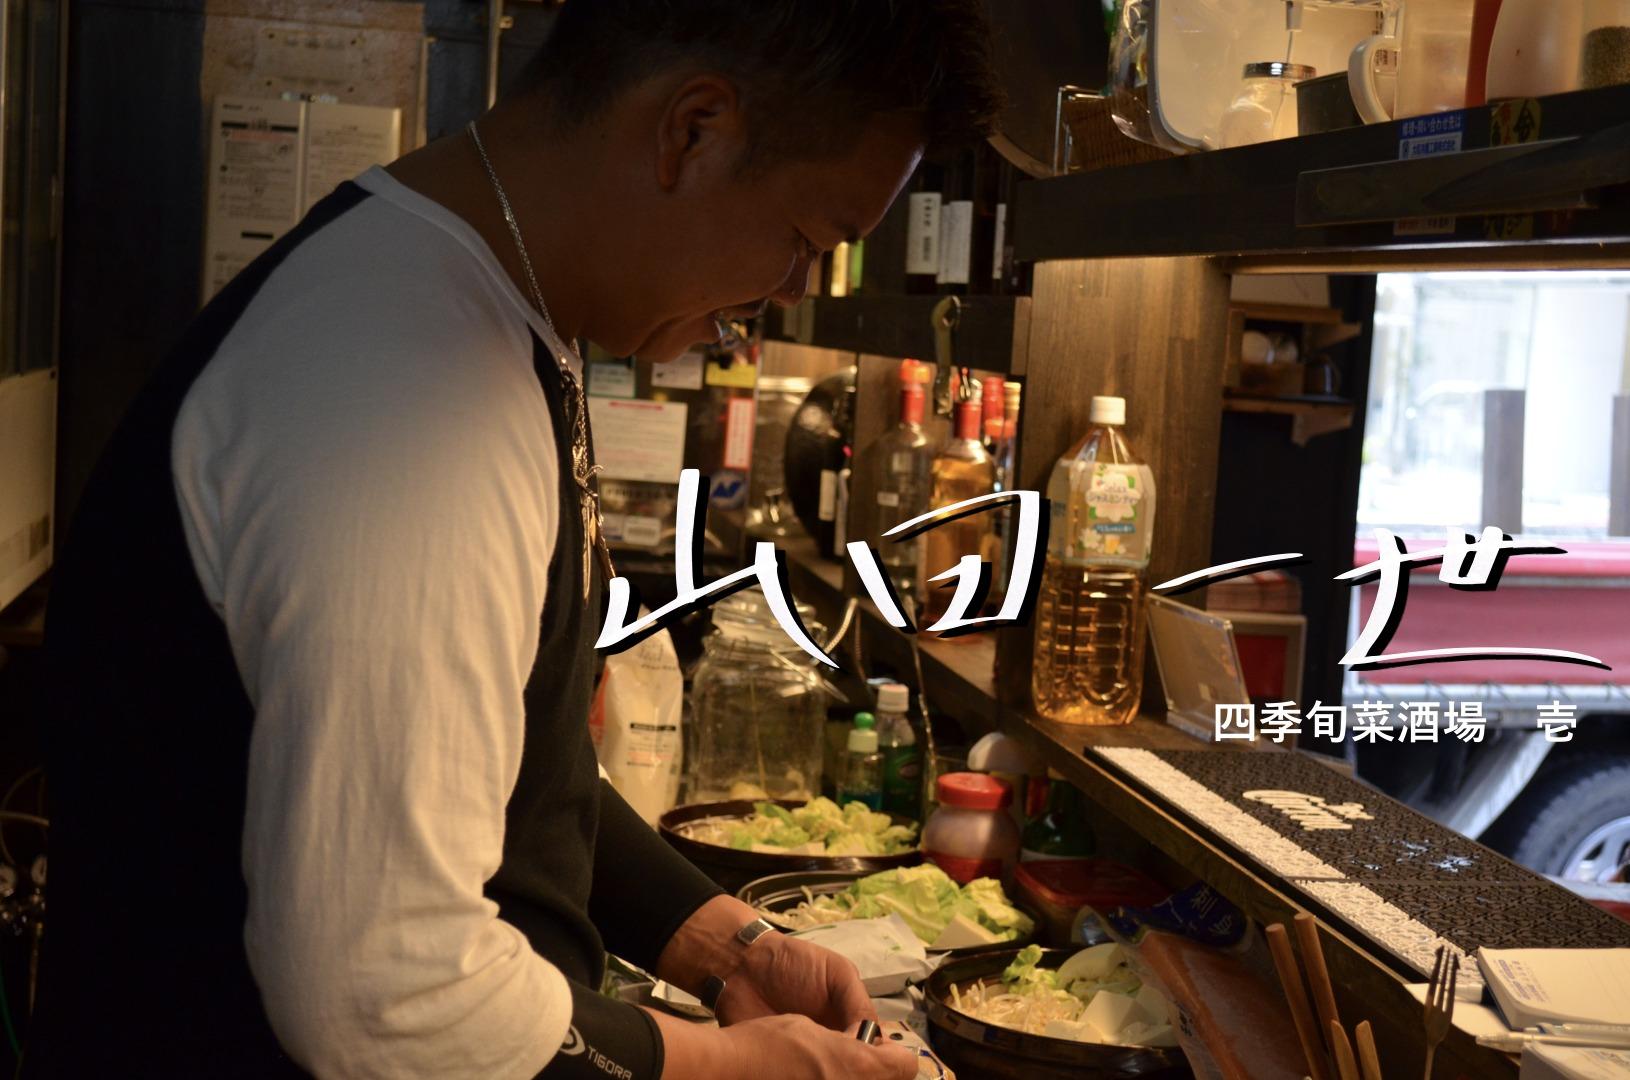 壁を乗り越えた先に|四季旬菜酒場「壱」 山田 一世